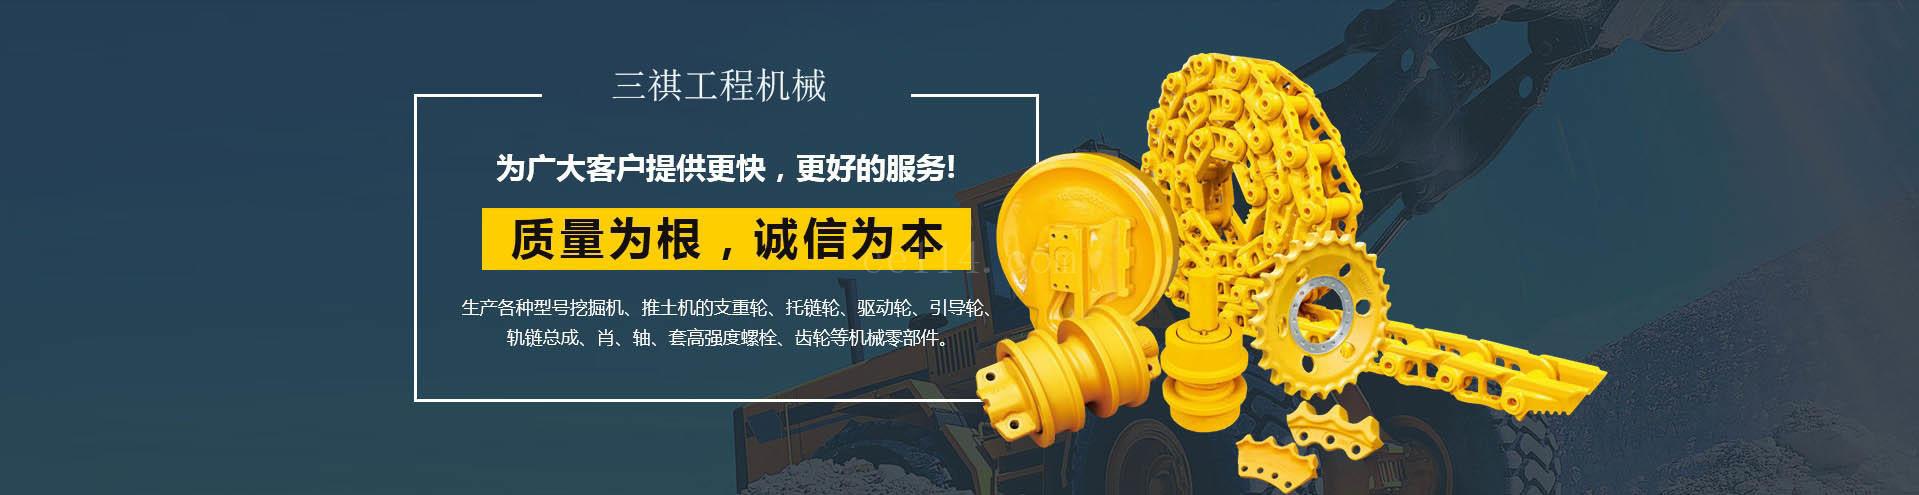 公司简介-泉州市三祺工程机械有限公司